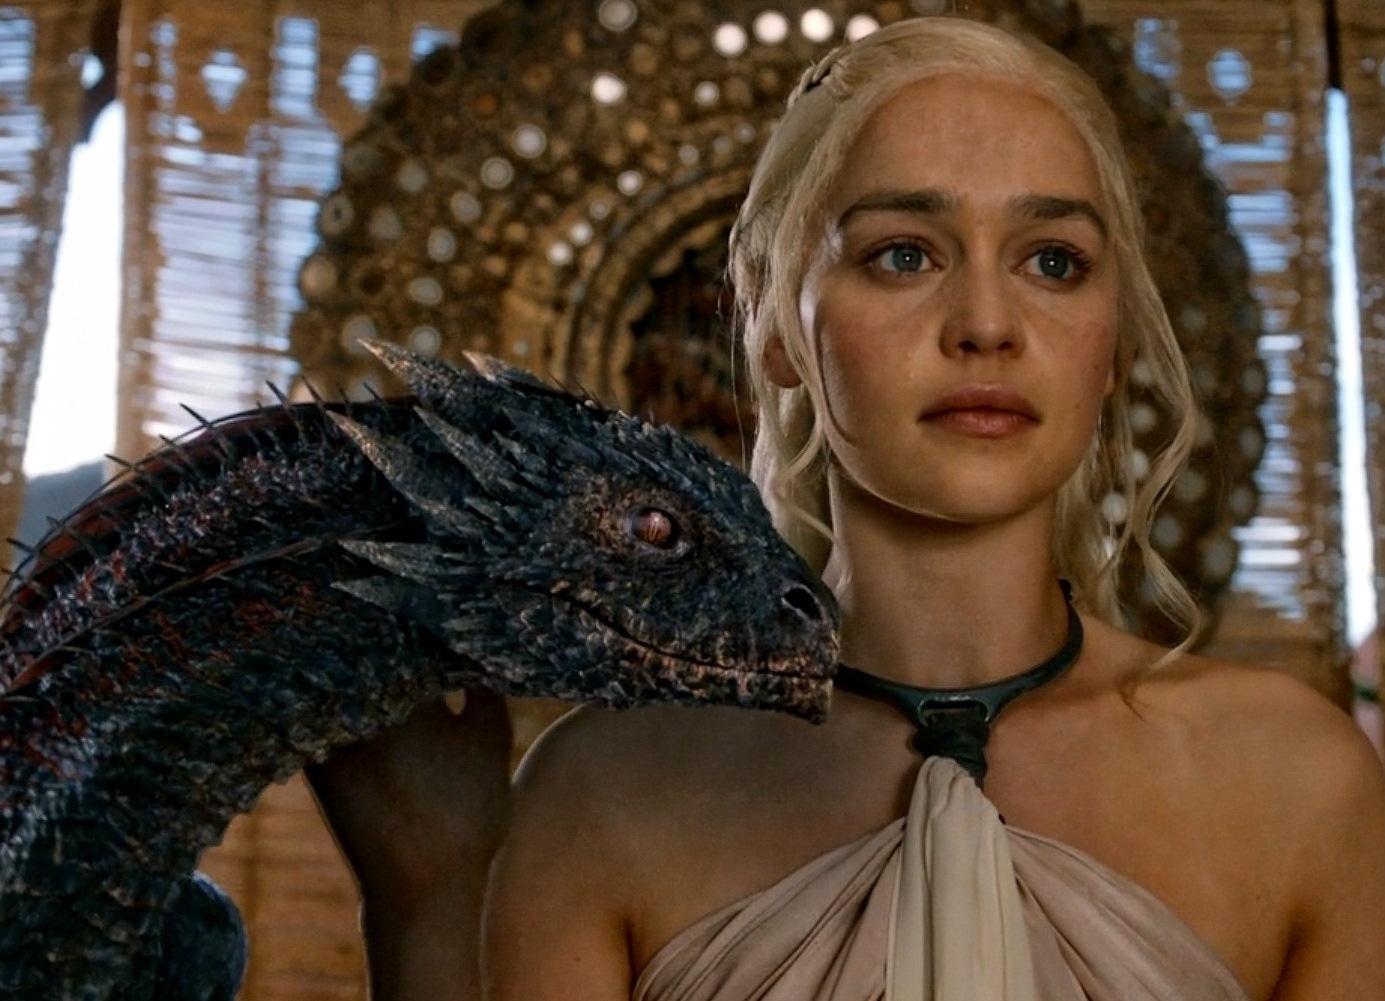 фото мать драконов из игры своим